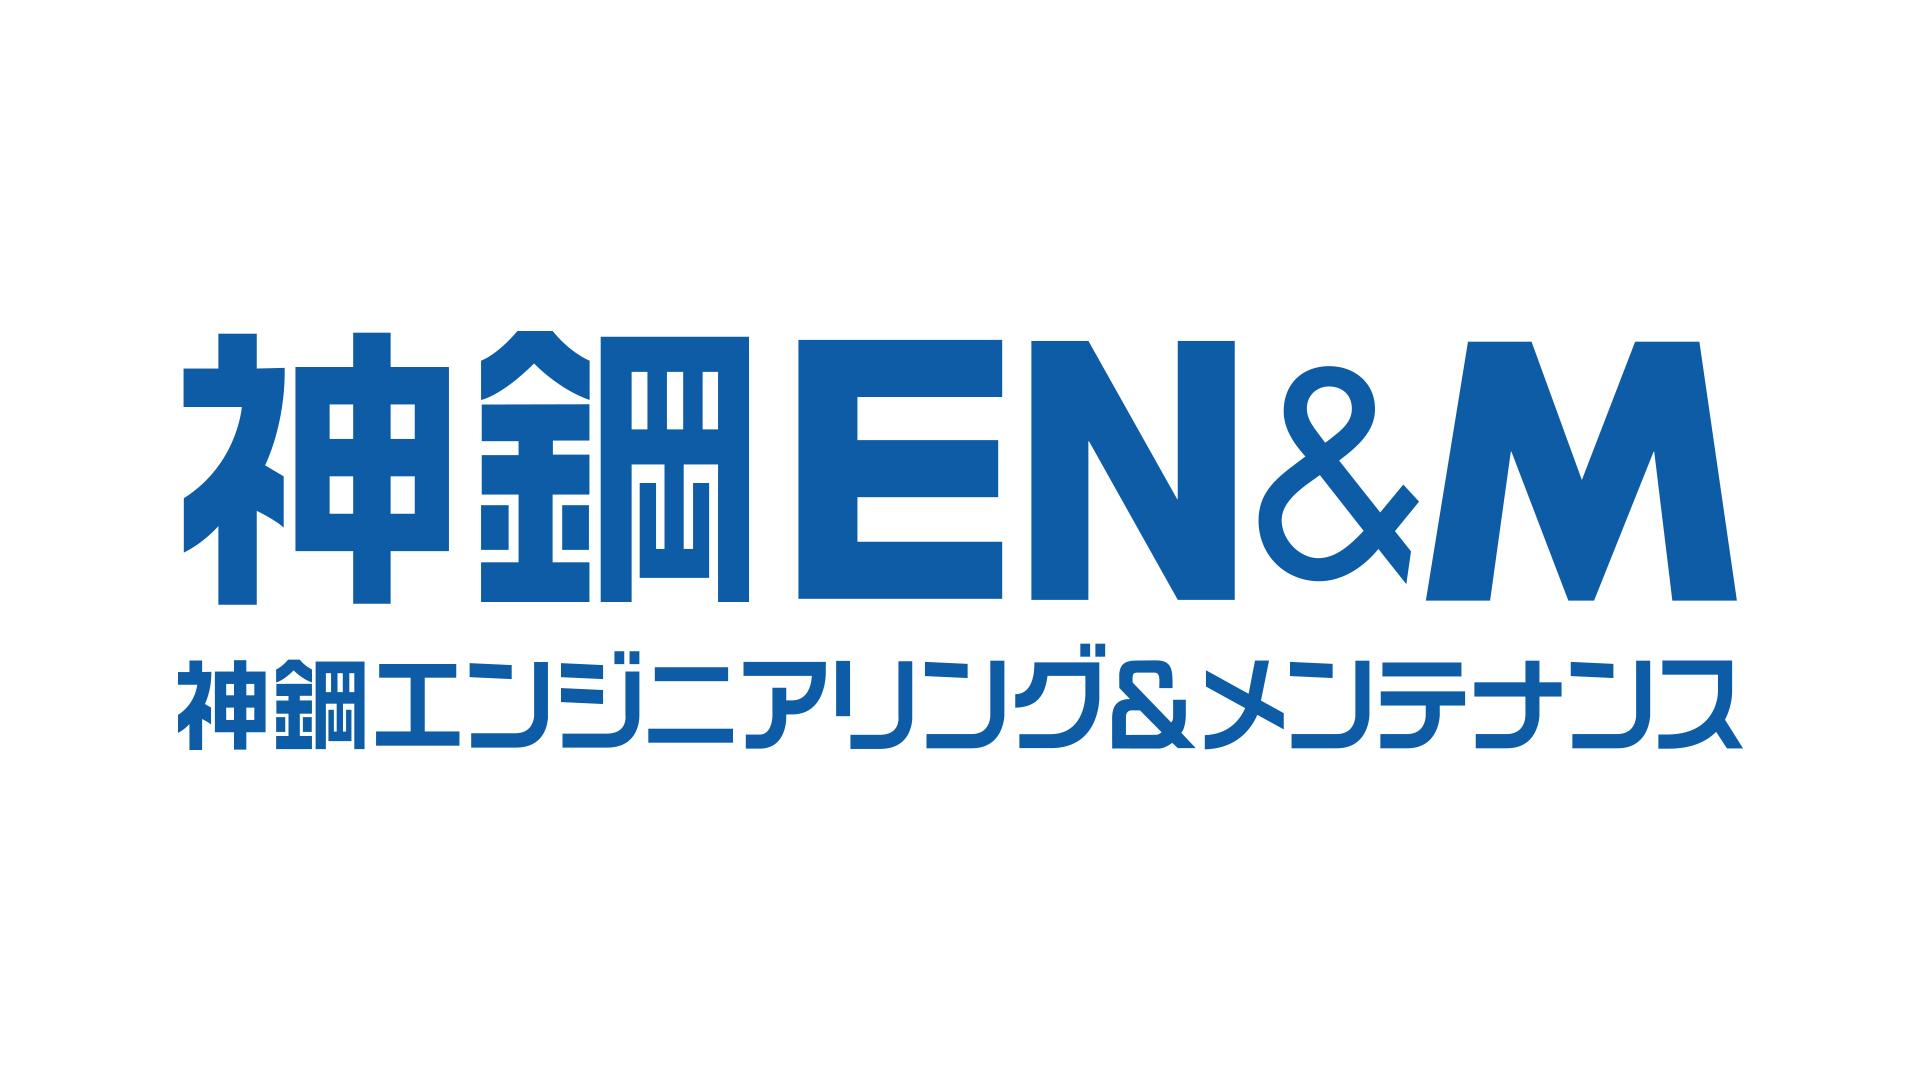 株式会社神鋼エンジニアリング&メンテナンス